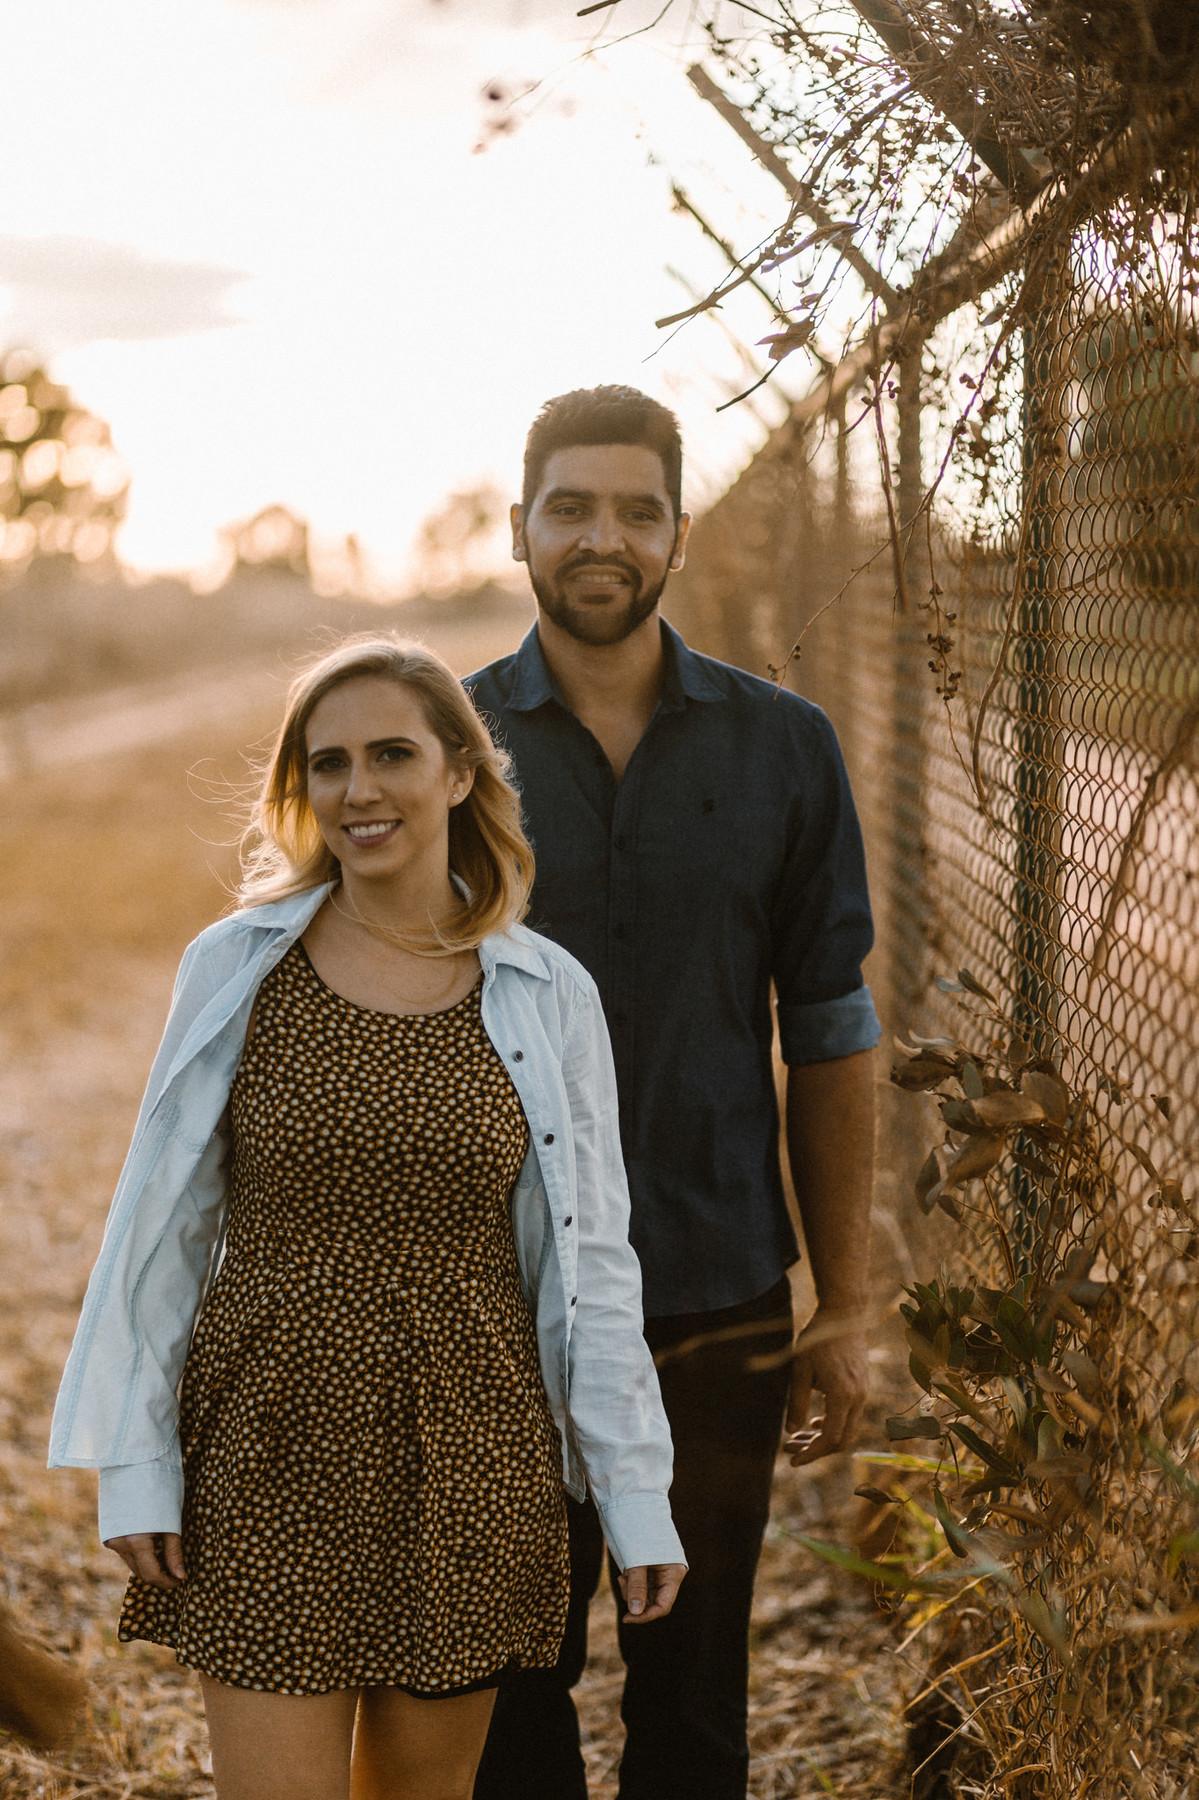 Casal sorrindo no mato em Brasília. Foto feita pelo fotógrafo de casamento Gabriel Pelaquim.